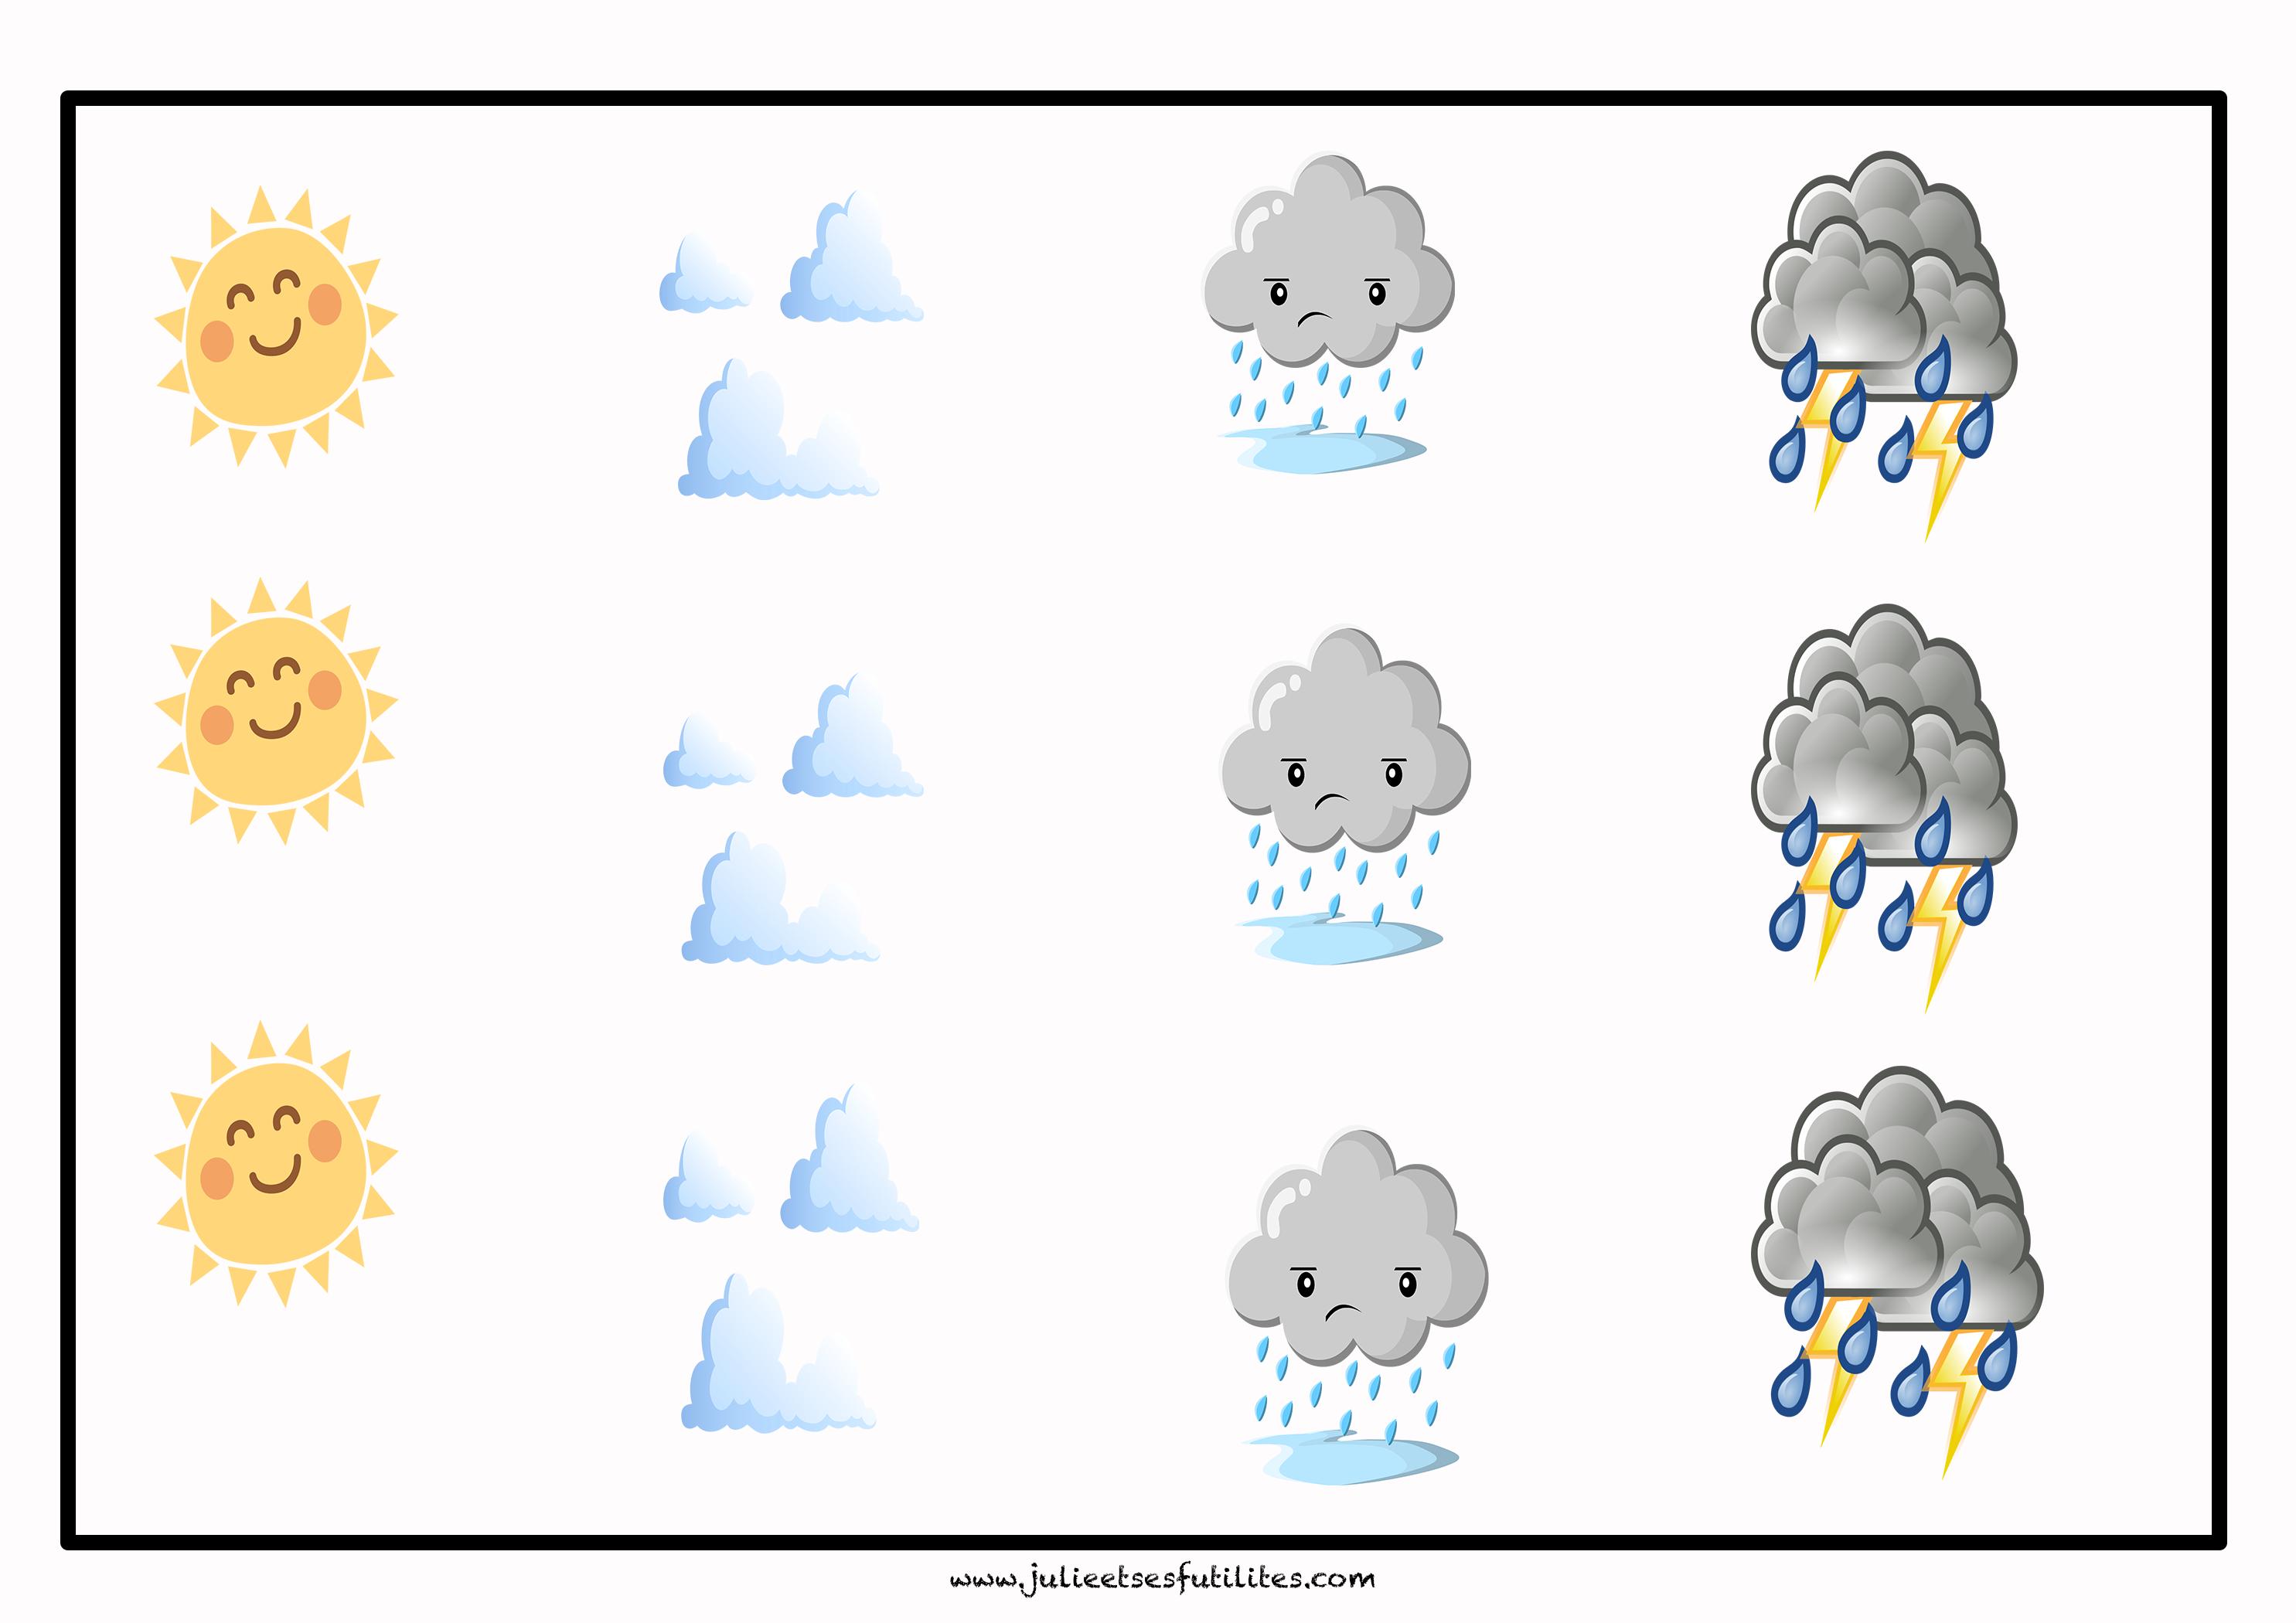 tableau-météo-humeur